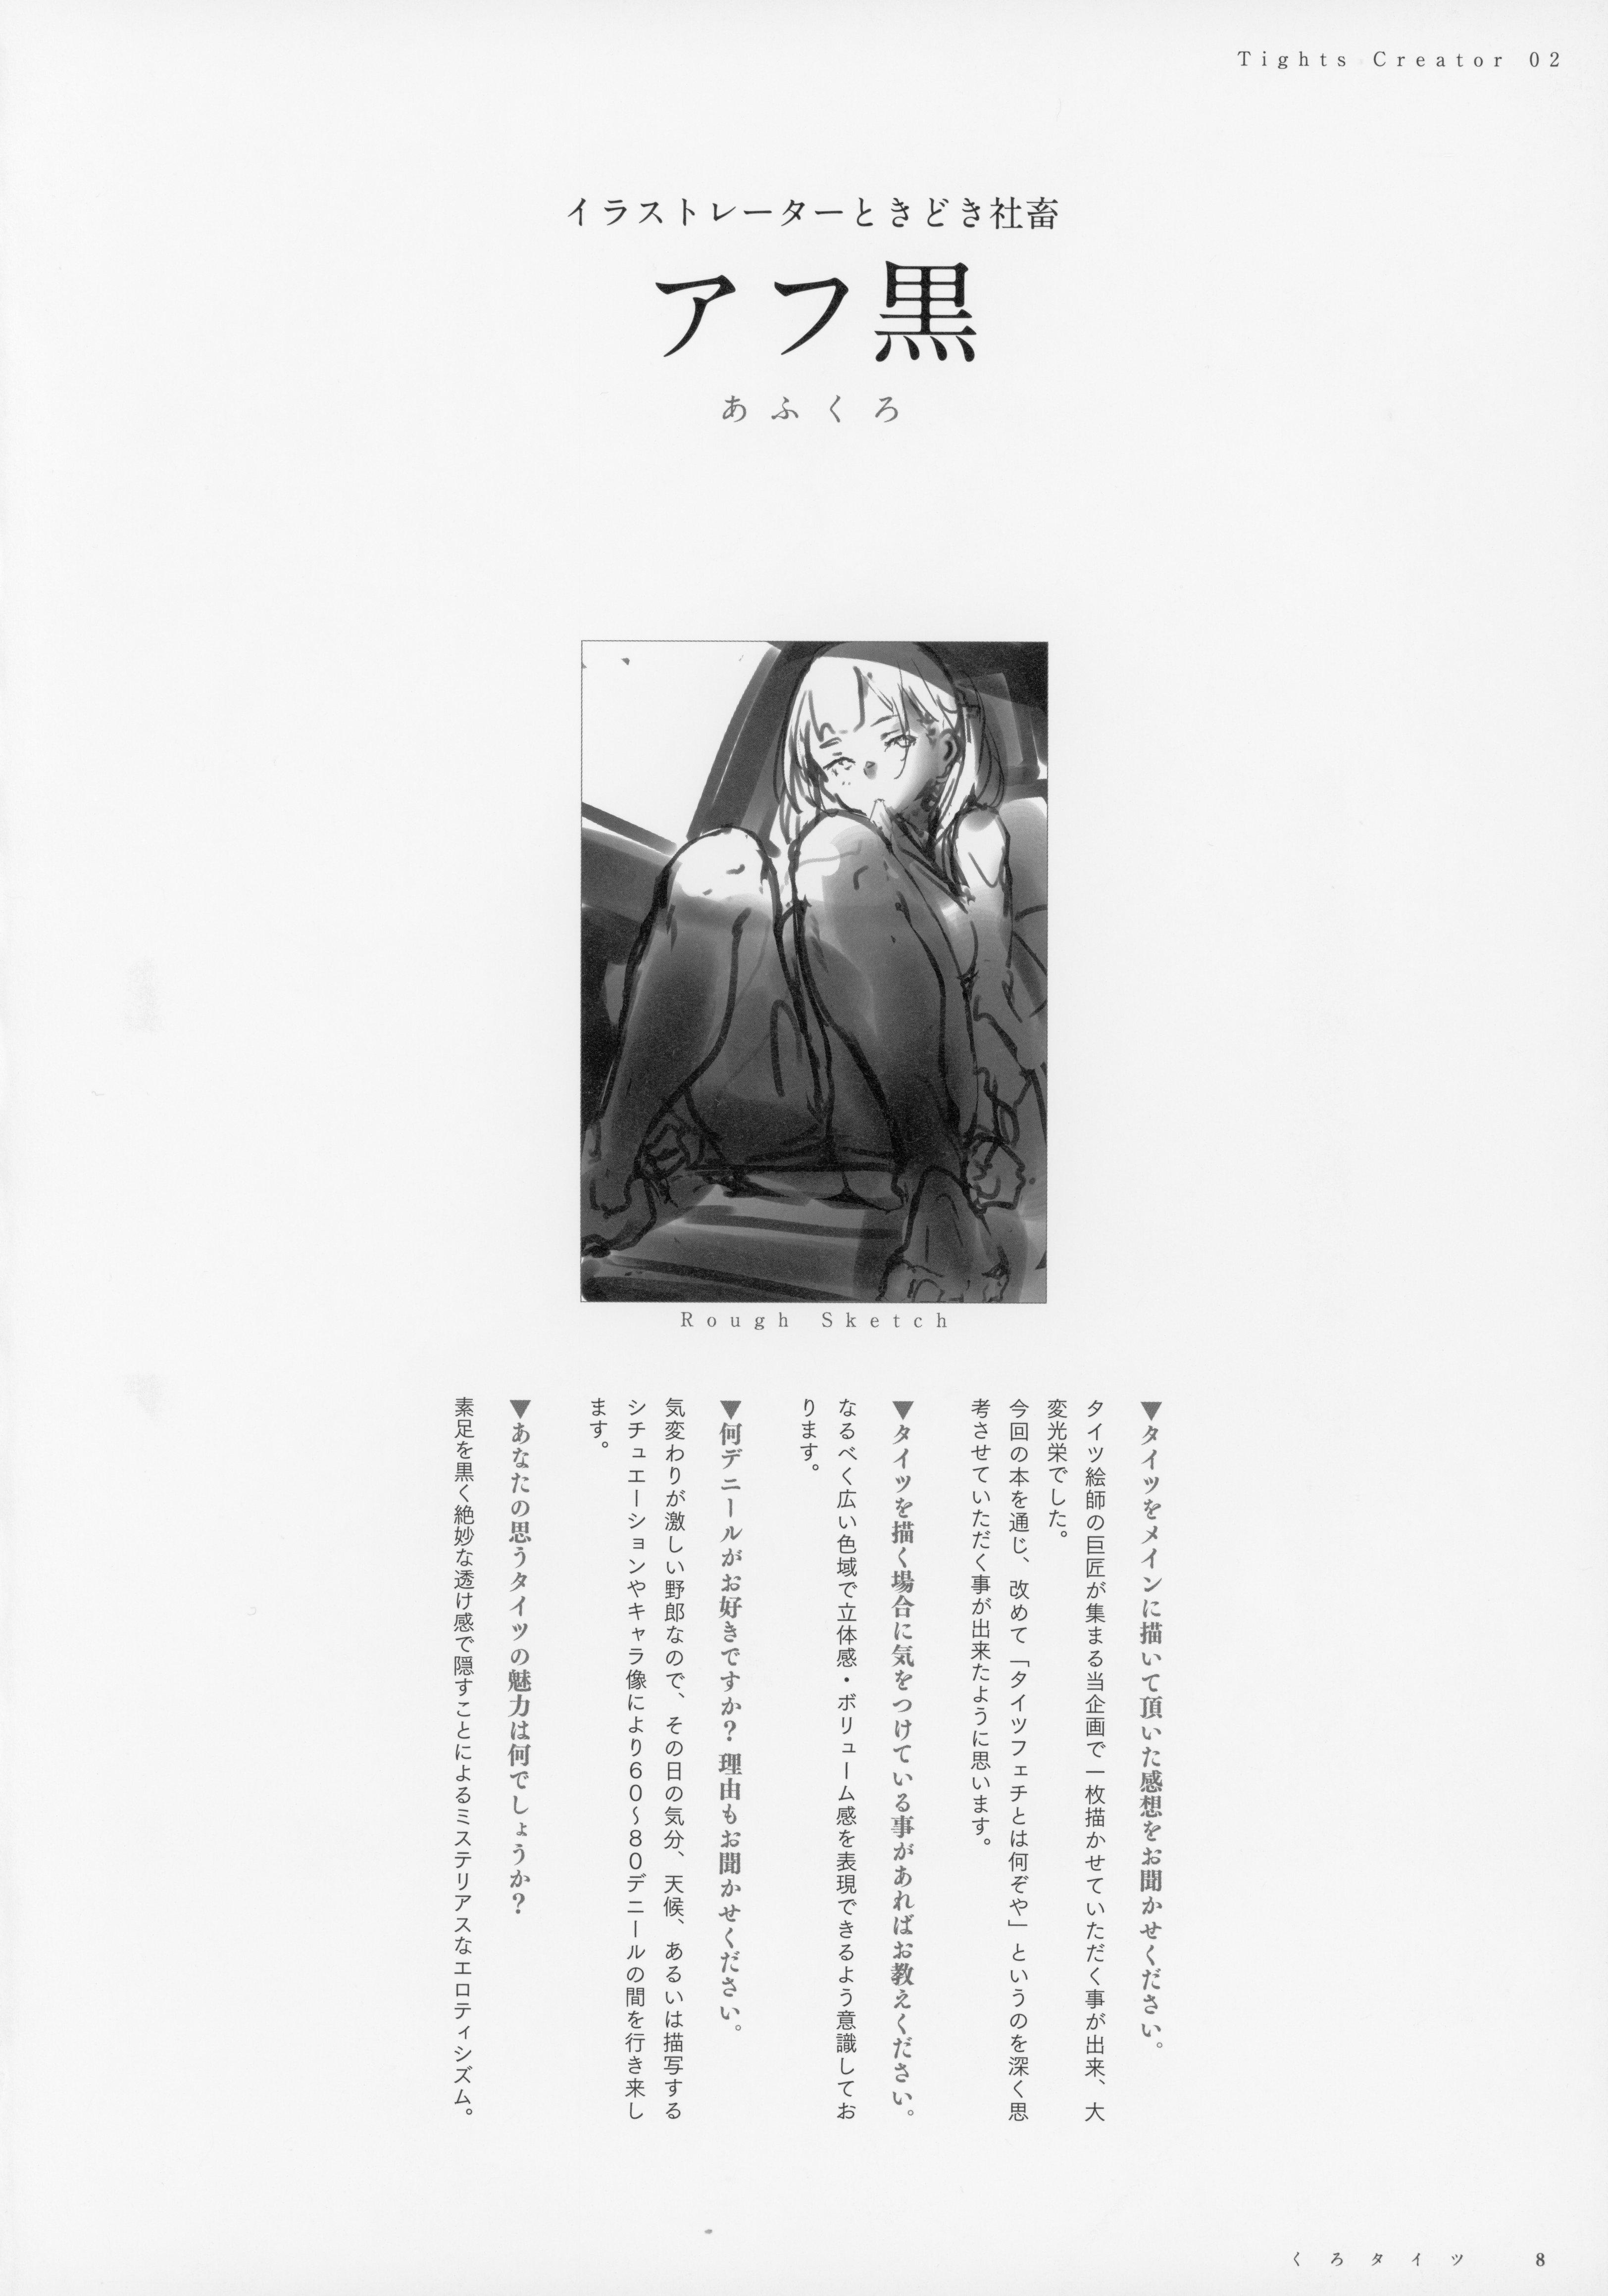 大师云集 至黑诱惑-22位画师《黑色紧身裤》画集下载-星宫动漫